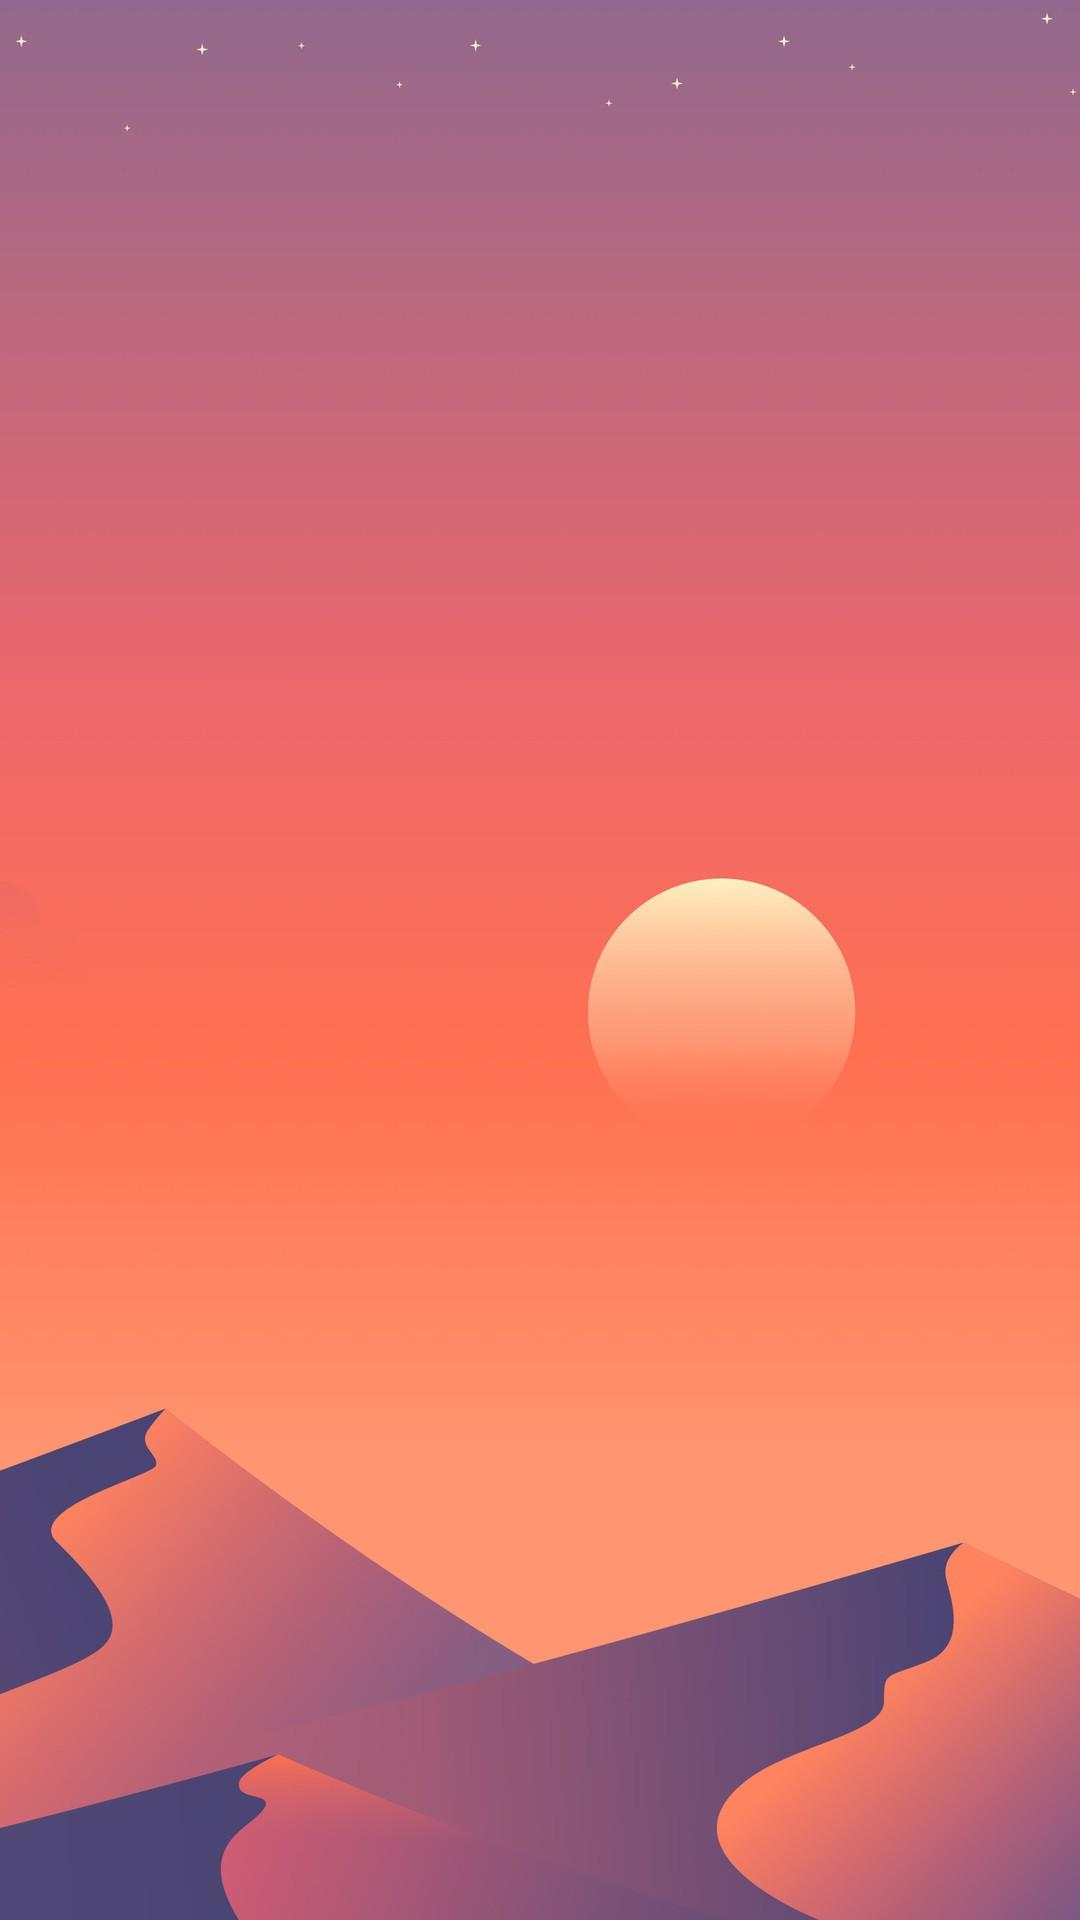 Plane Iphone Wallpaper Desert Sun Day Minimalism 1a Wallpaper 1080x1920